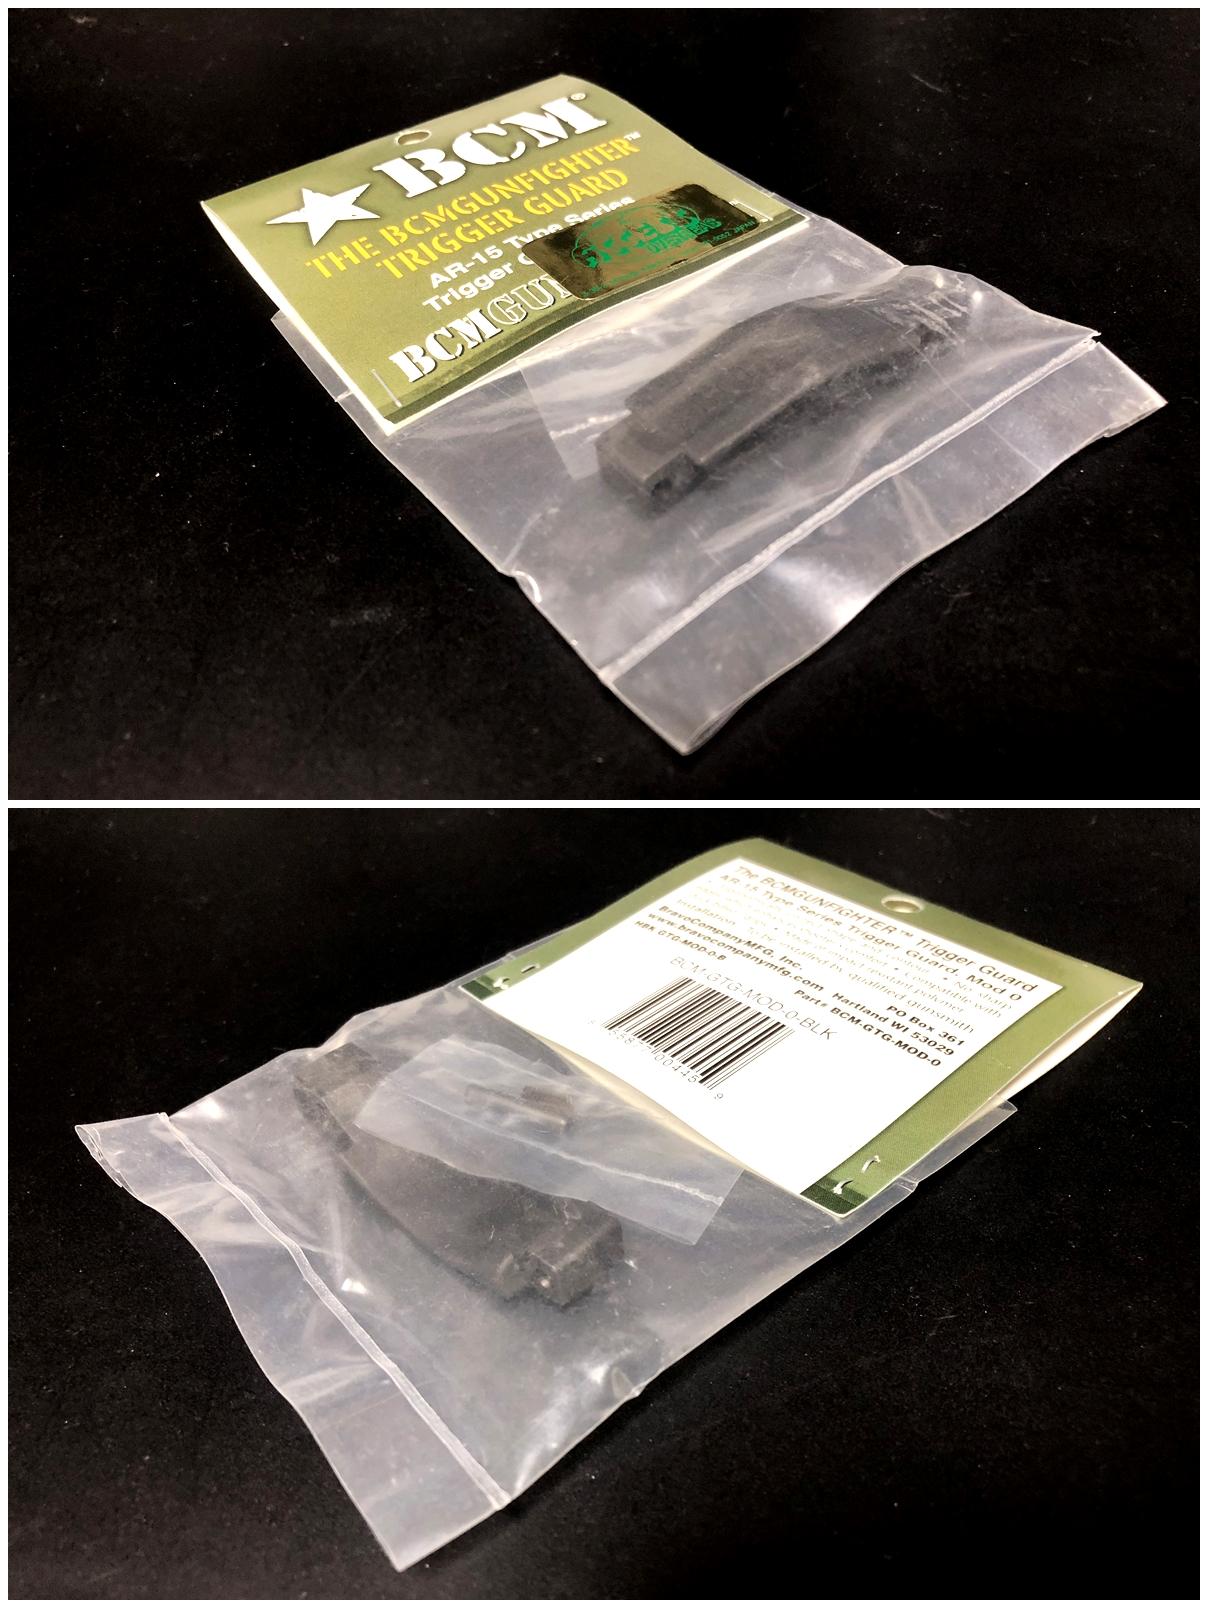 1 実物 BCM GUNFIGHTER TRIGGR GUARD MOD 0 ガンファイタートリガーガード 次世代電動ガンに実物トリガーガードを取付けてやる!! 開封 3Dプリント DIY 加工 交換 取付 正規品 新品 カスタム レビュー